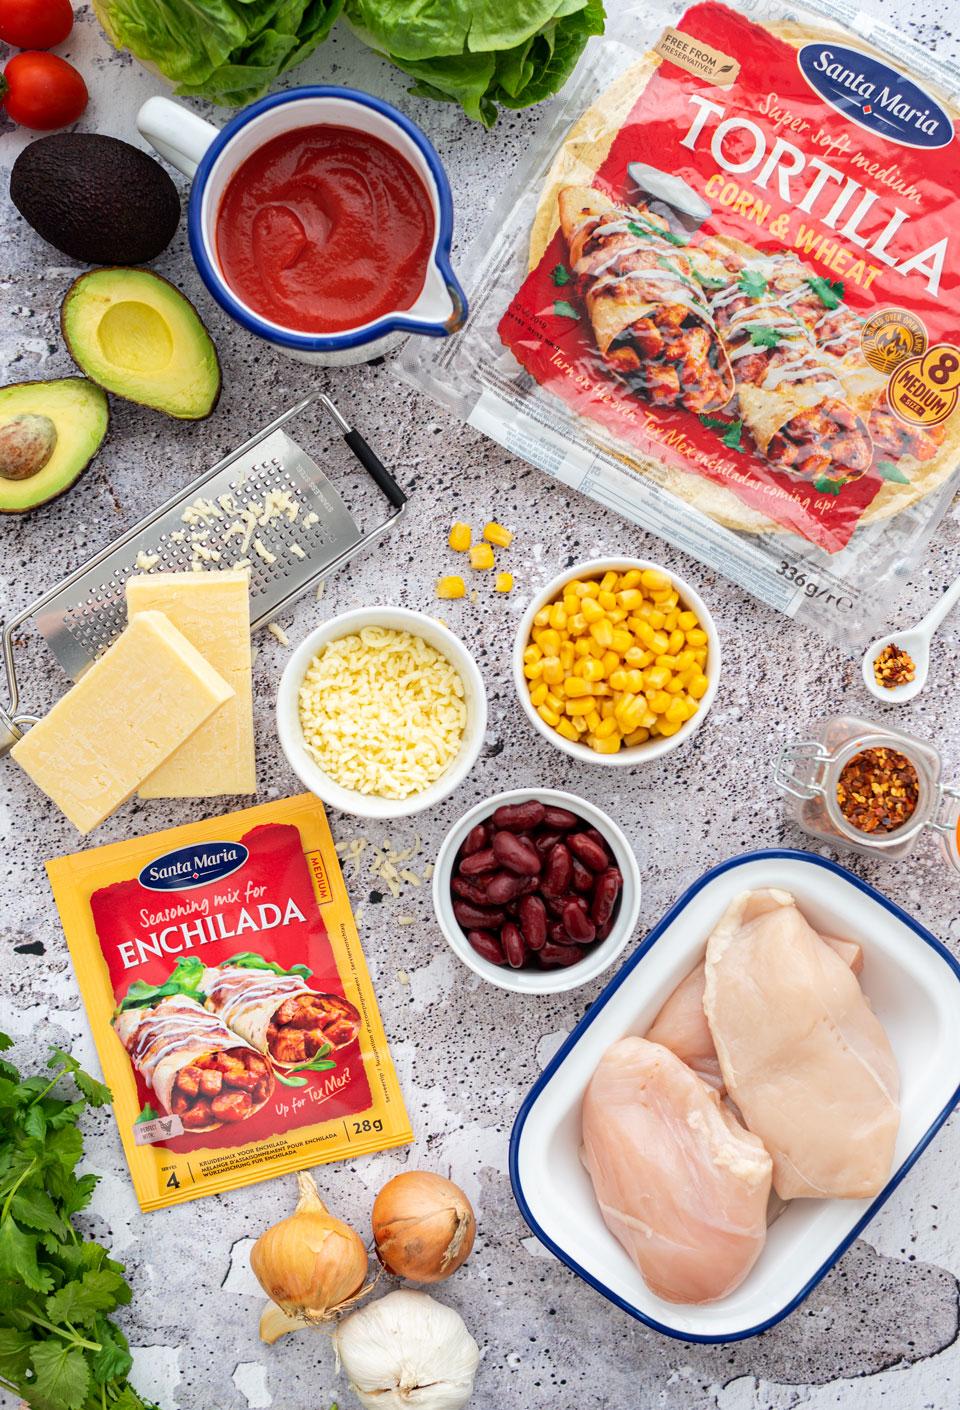 Ingredienten voor de enchiladas met kip